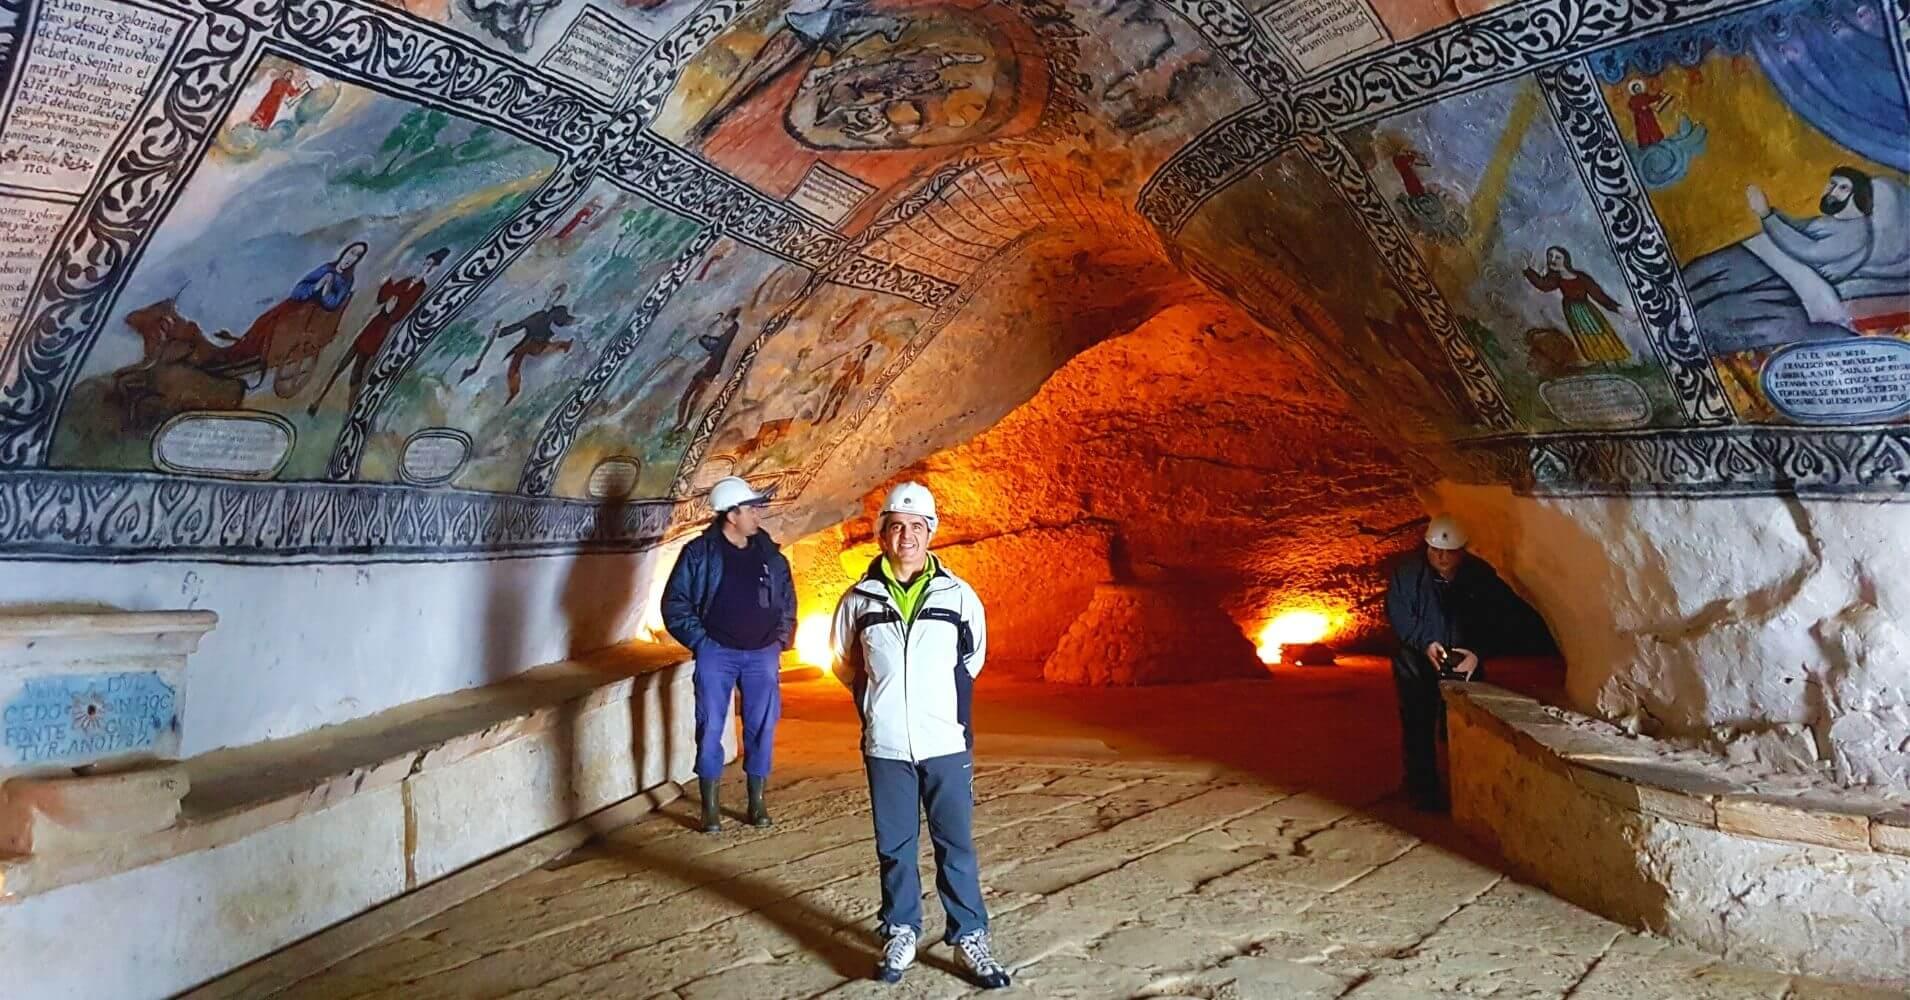 Cueva Ermita de San Bernabé y San Tirso. Sotoscueva. Las Merindades, Burgos. Castilla y León.